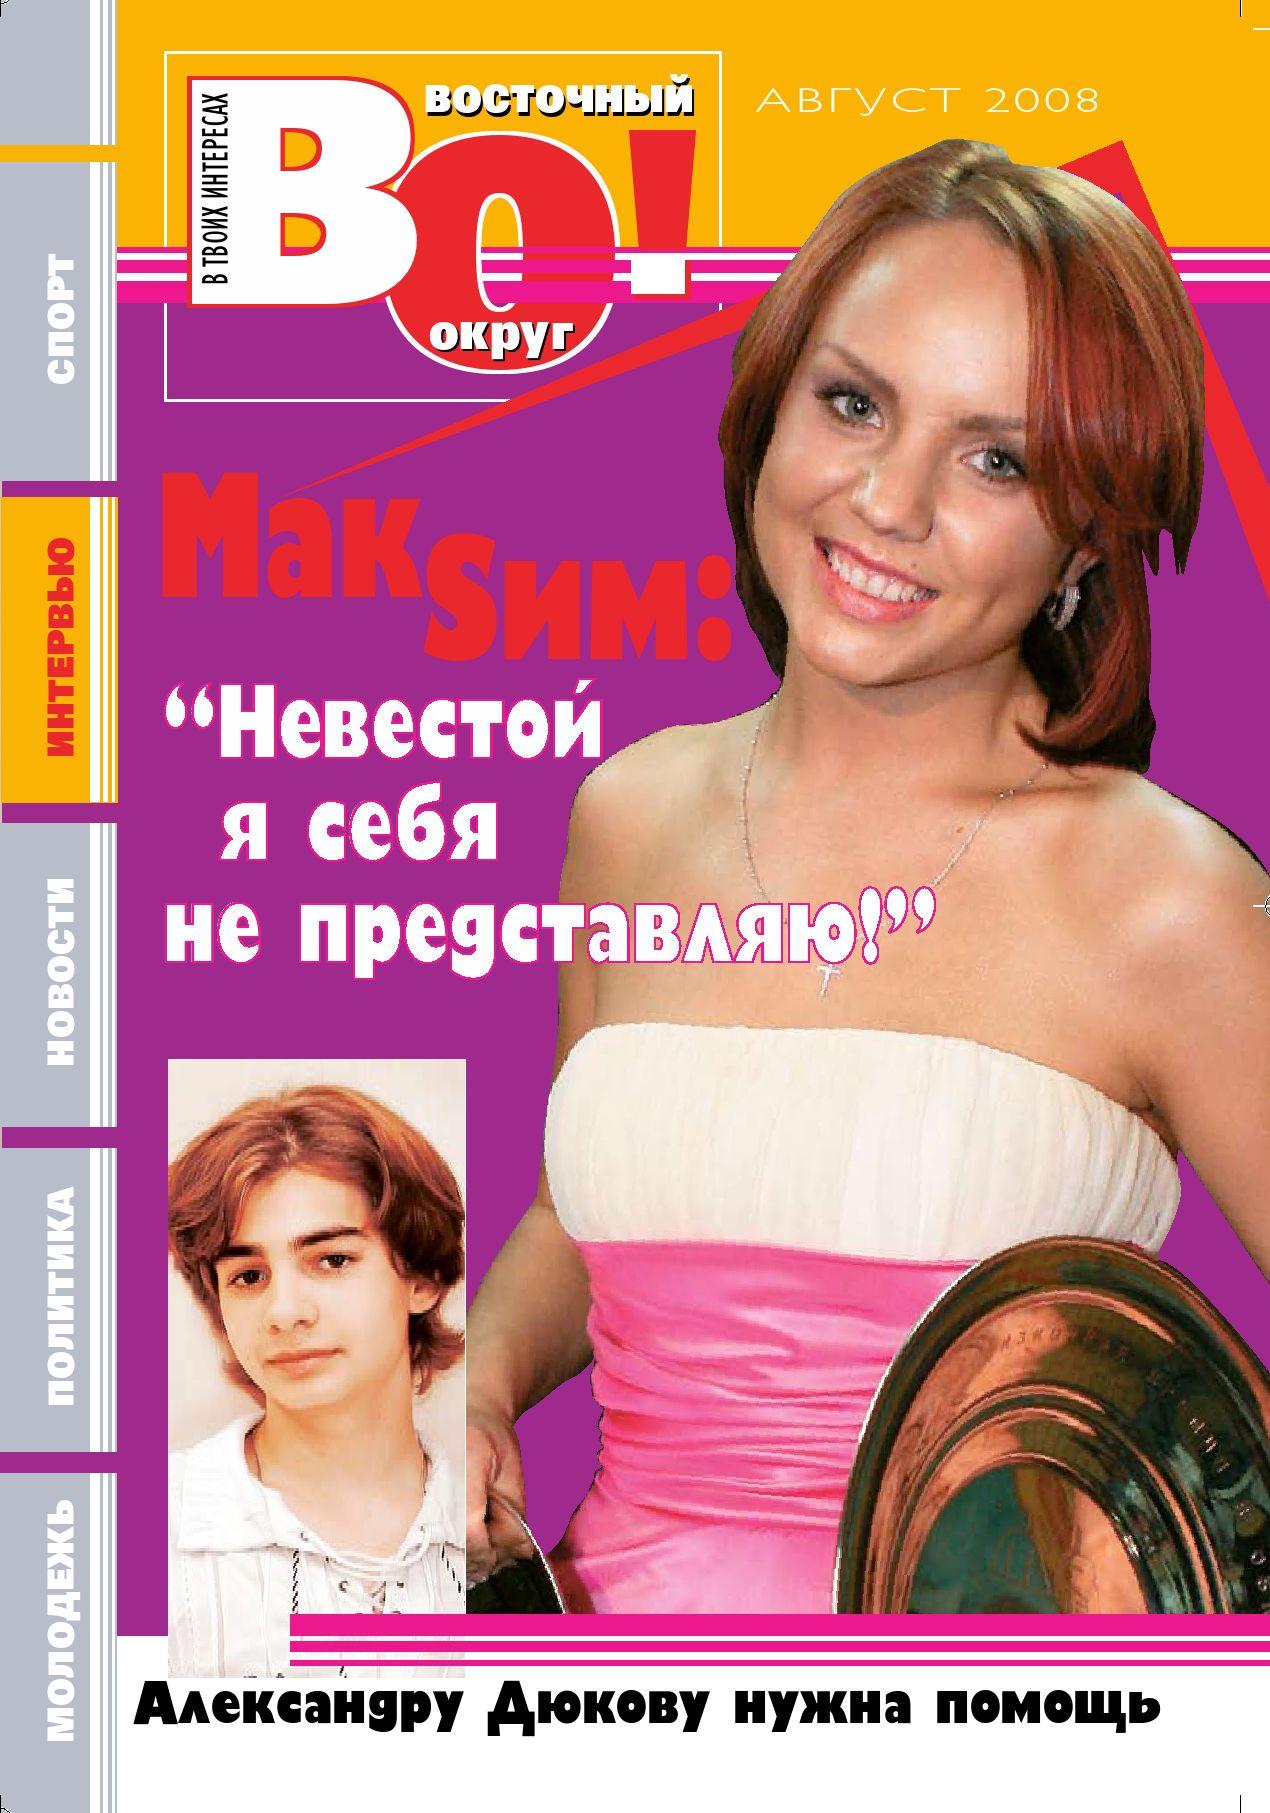 zrelaya-nachalnitsa-anketnie-dannie-moskovskih-straponess-dlya-muzhskih-zhop